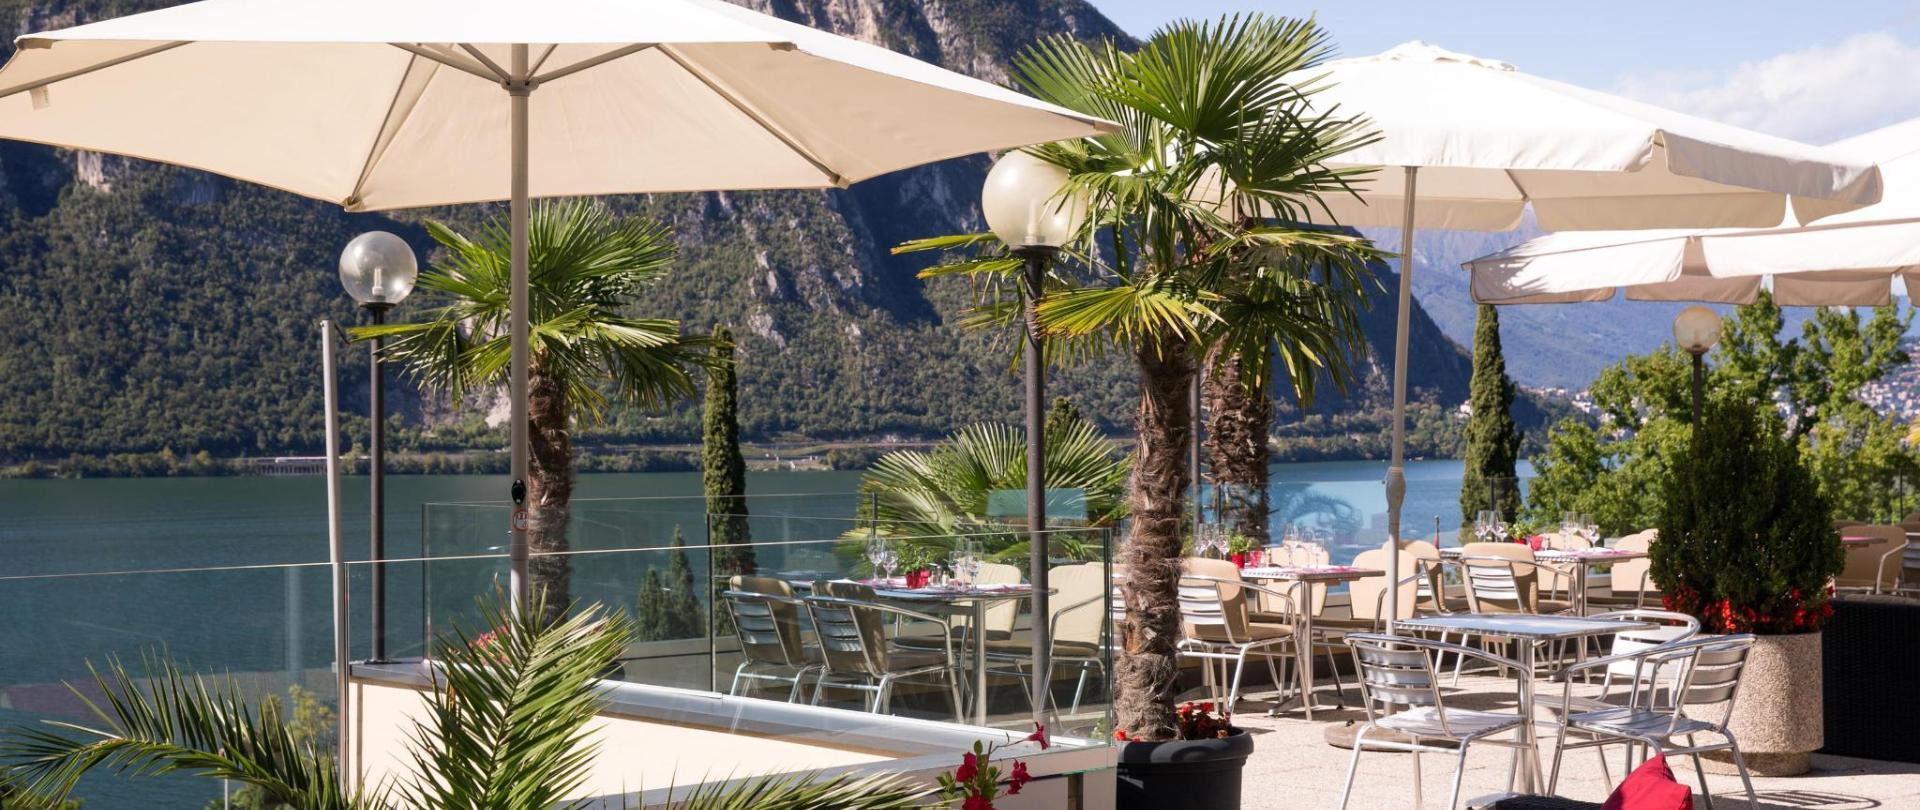 hotel-campione-bissone-terrazza2.jpg